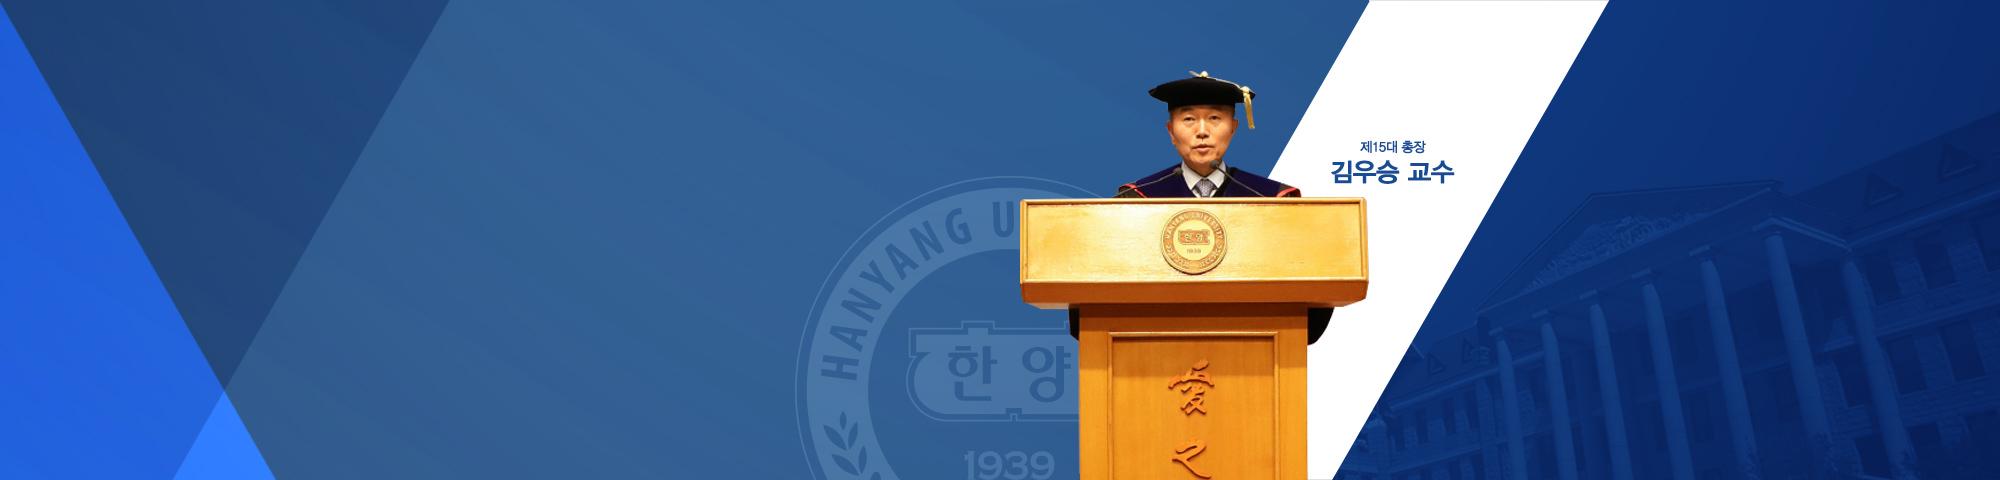 김우승 교수, 한양대 제15대 총장 취임